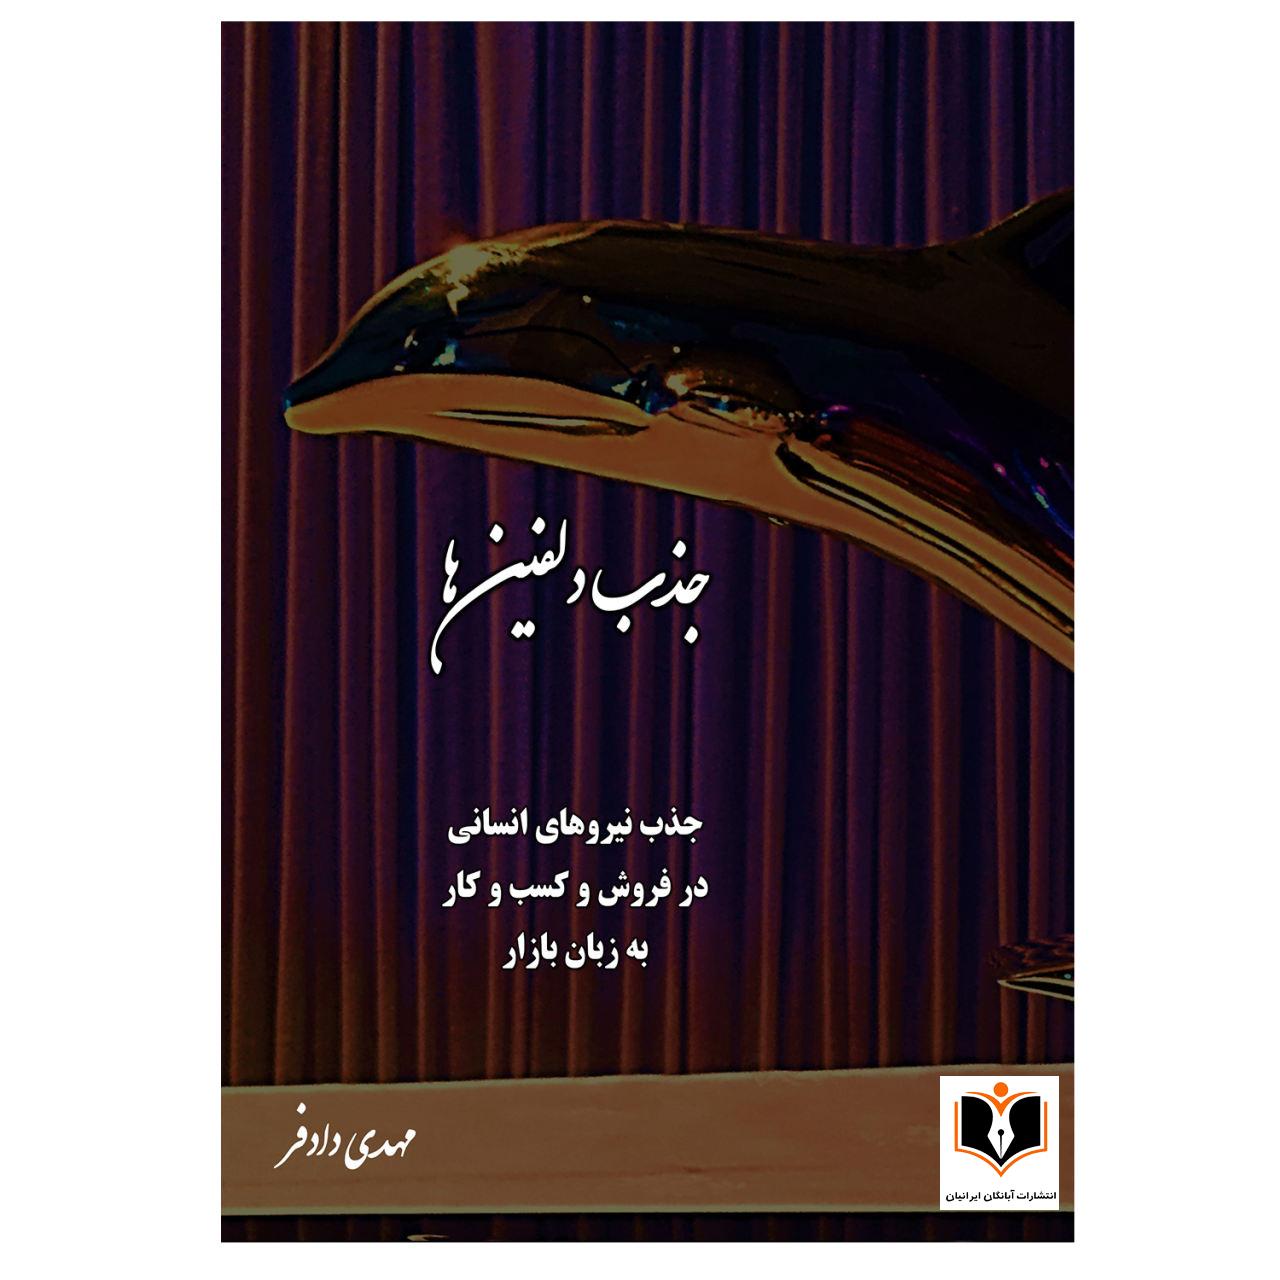 کتاب جذب دلفین ها اثر مهدی دادفر انتشارات آبانگان ایرانیان